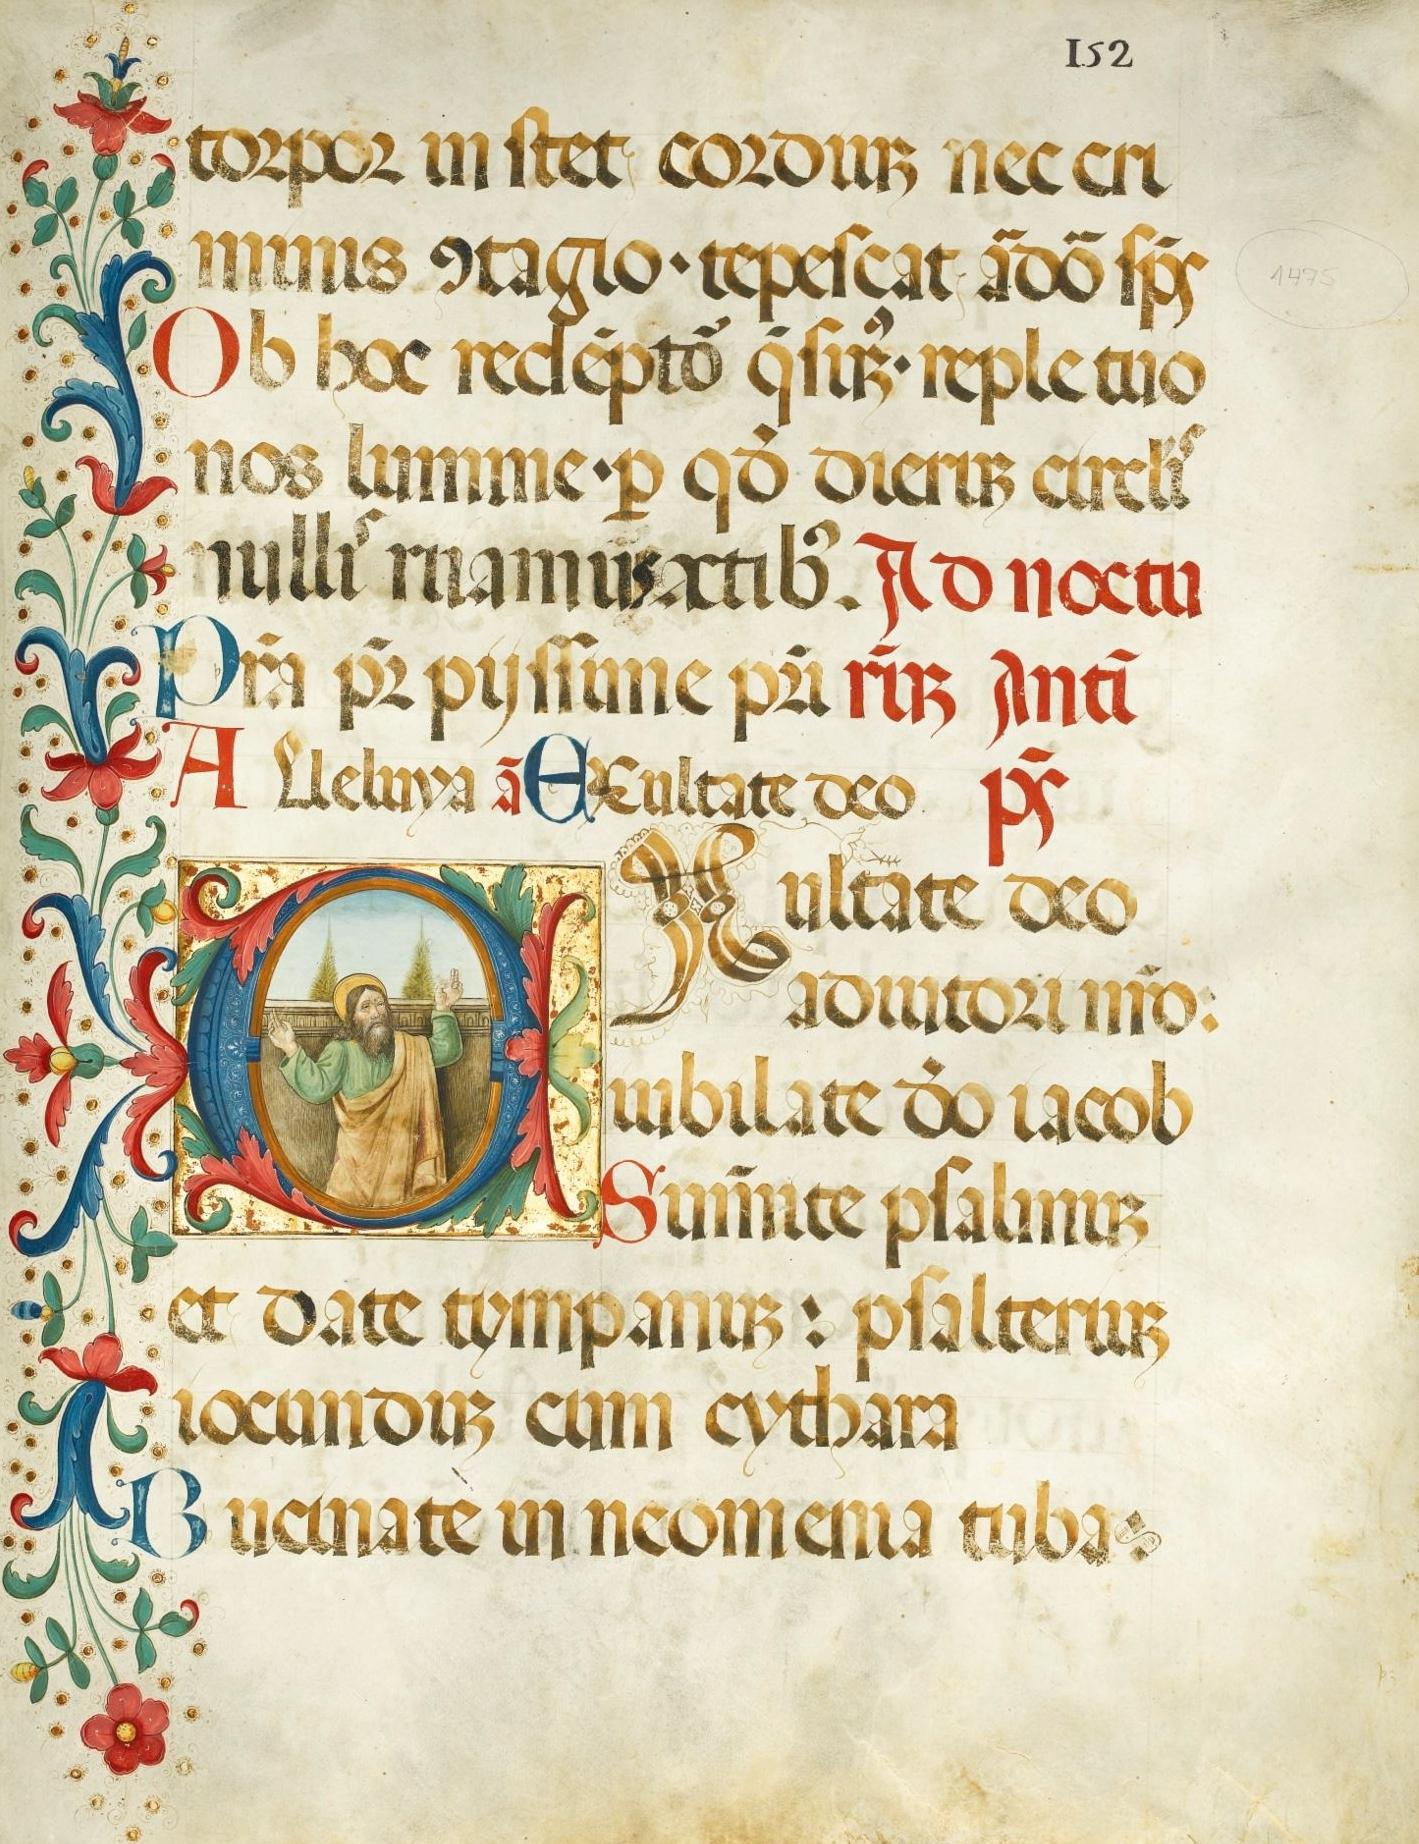 Attributed to GHERARDO DI GIOVANNI DEL FORA and MONTE DI GIOVANNI DEL FORA